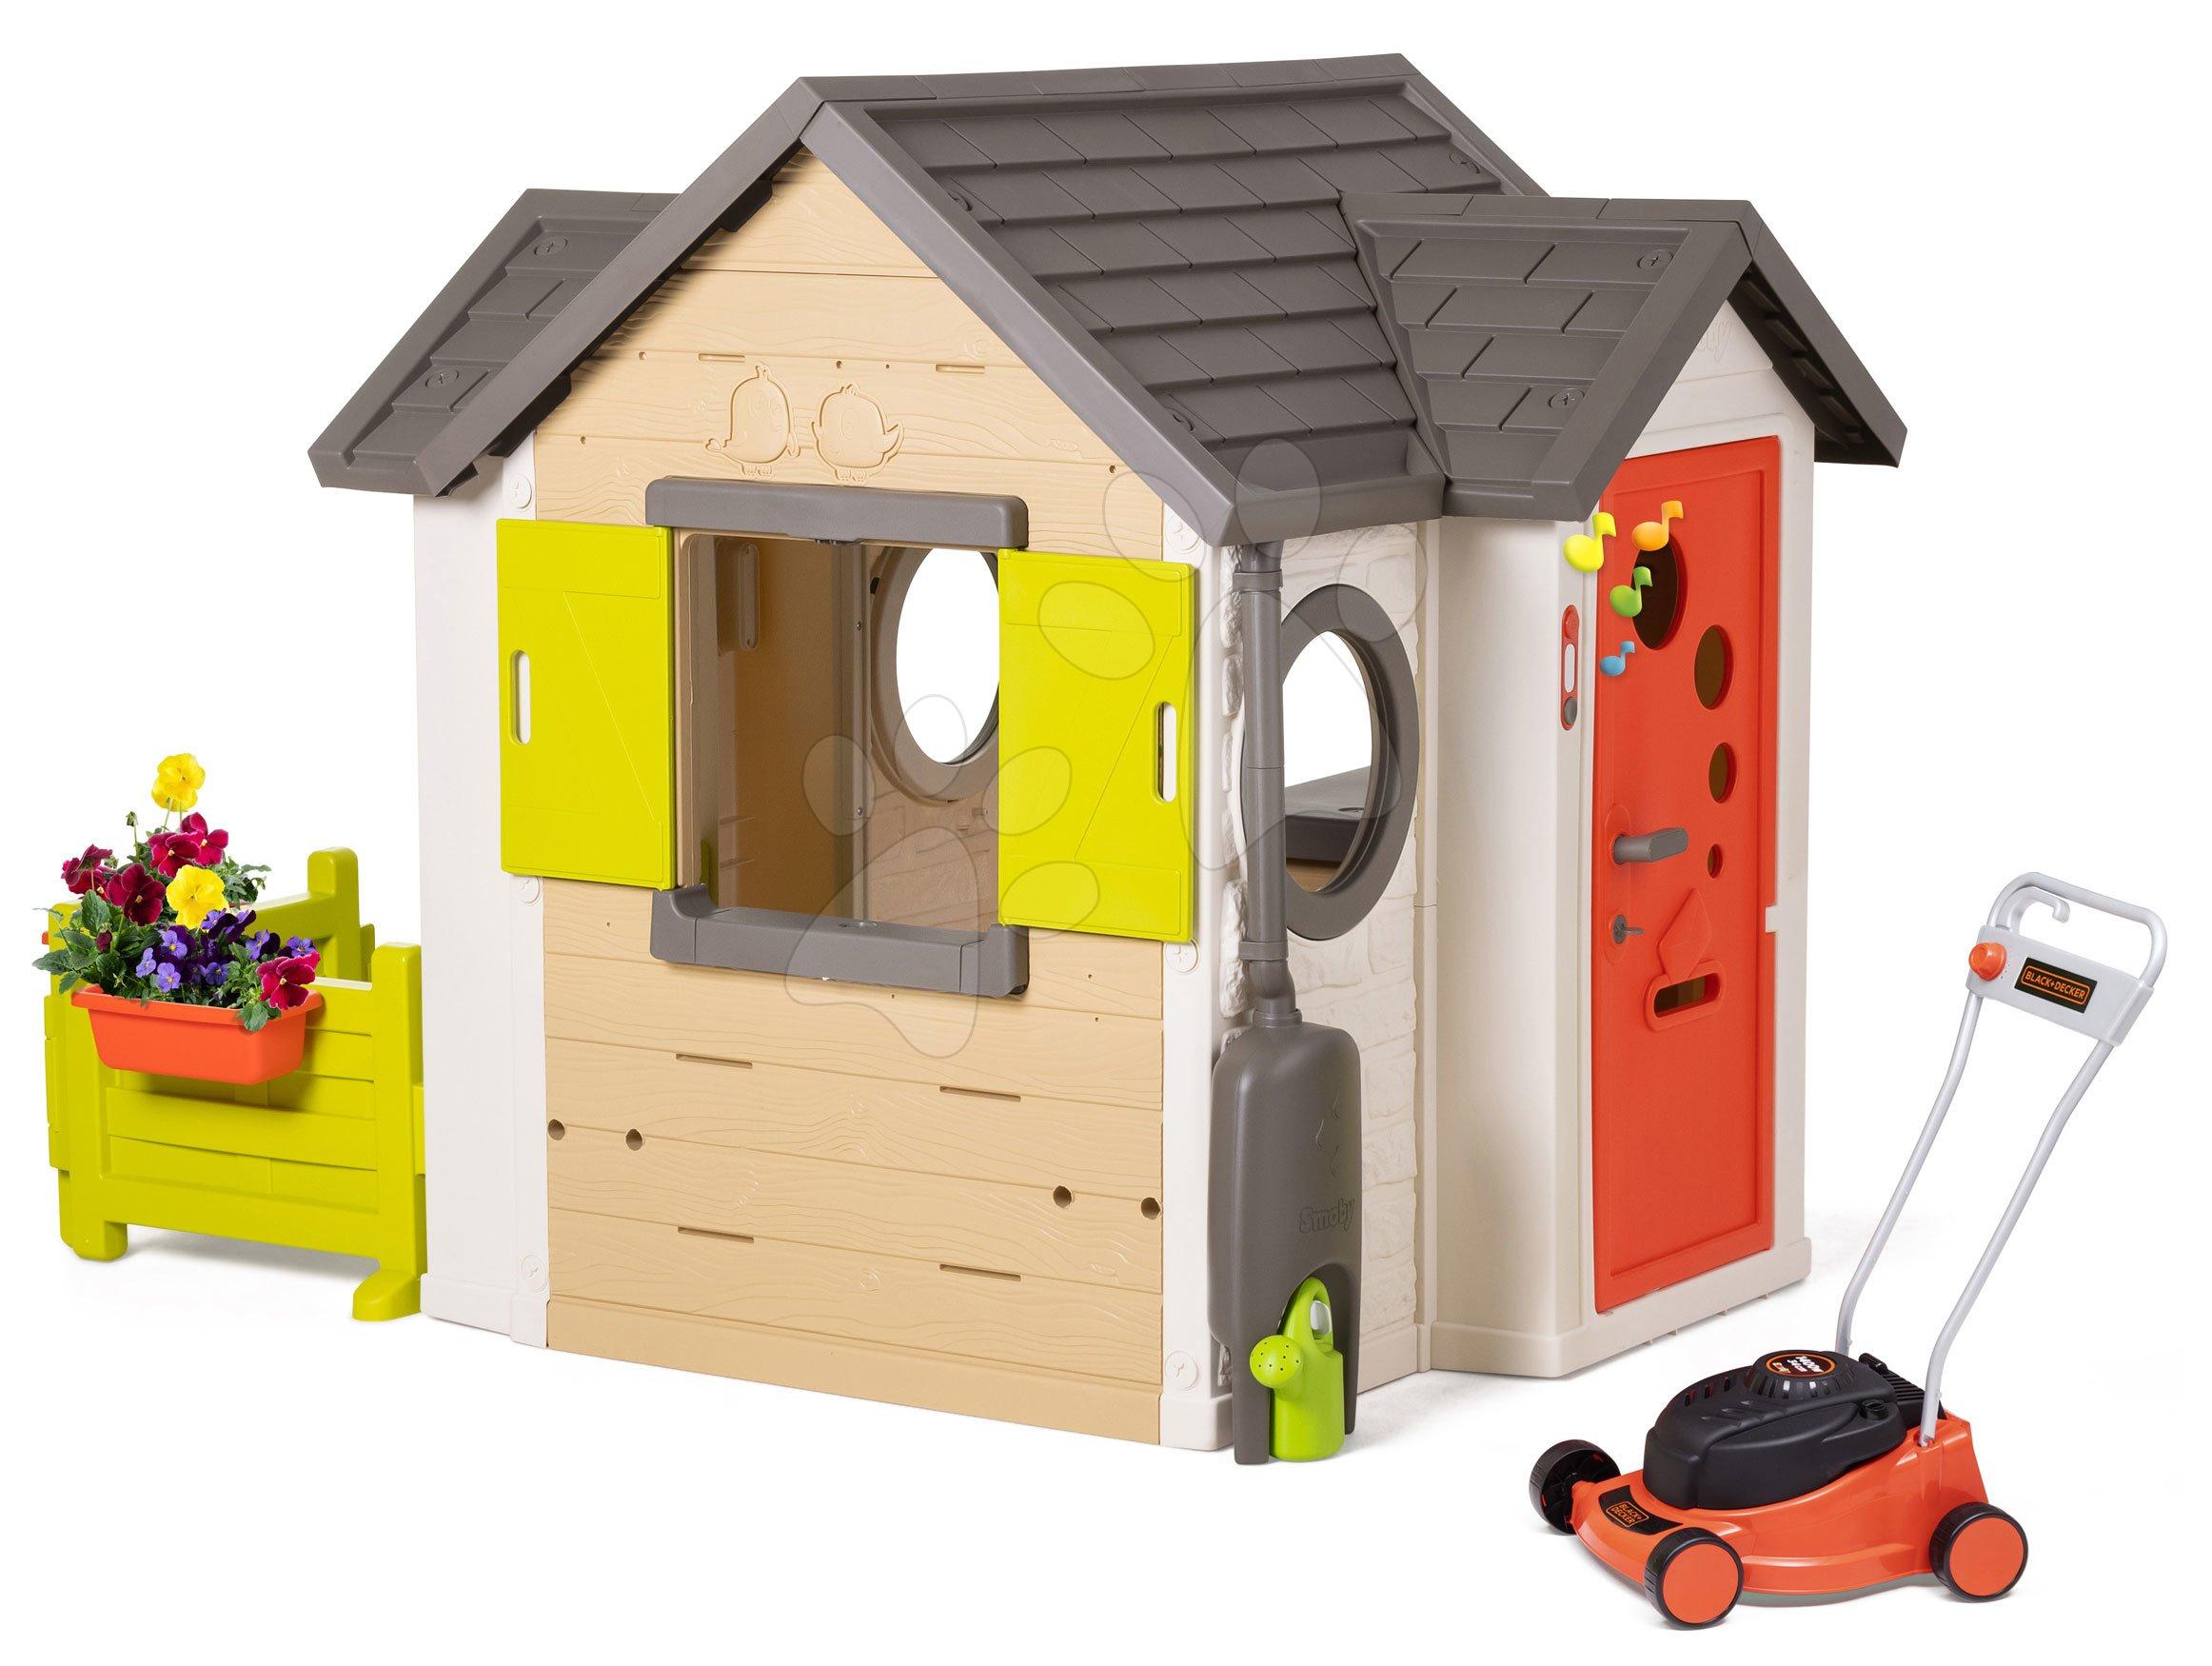 Domček My Neo House DeLuxe Smoby pre záhradníka s kosačkou Black&Decker